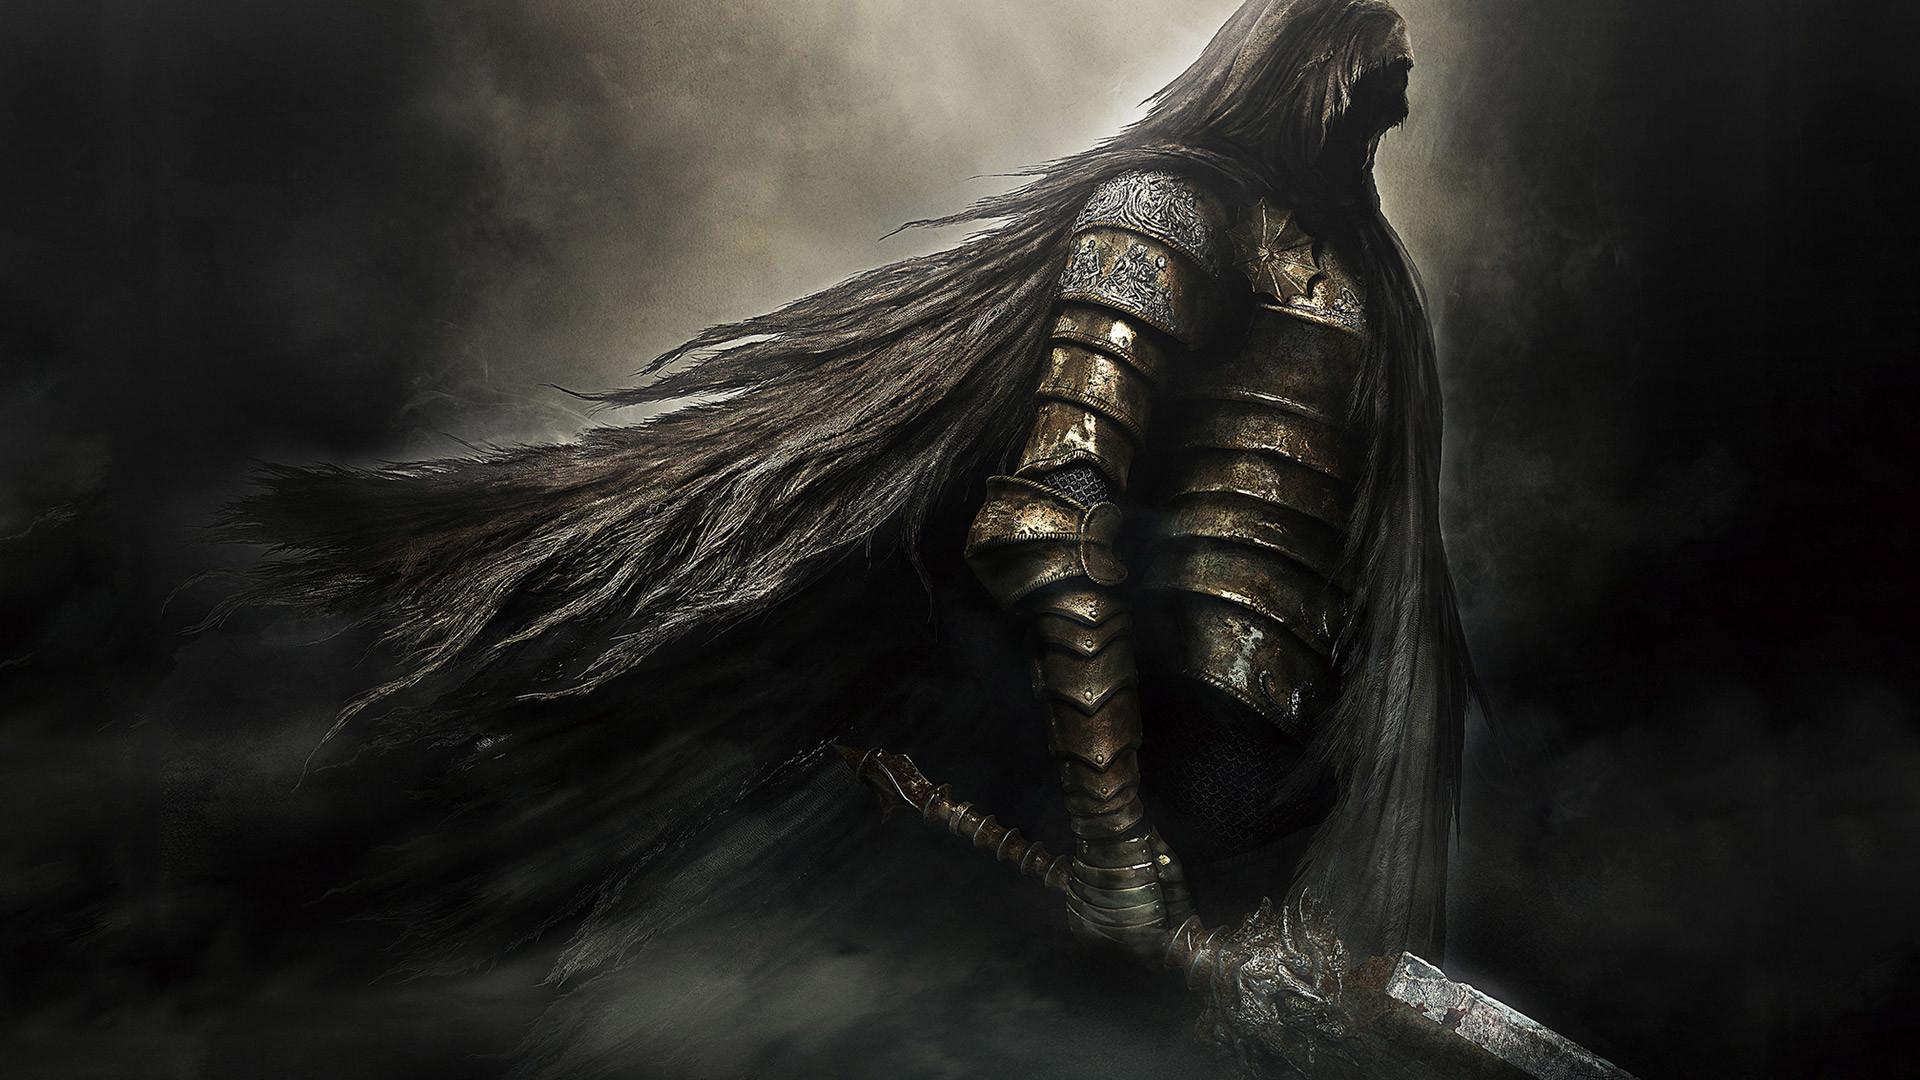 Dark Souls 2 Wallpaper – WallpaperSafari